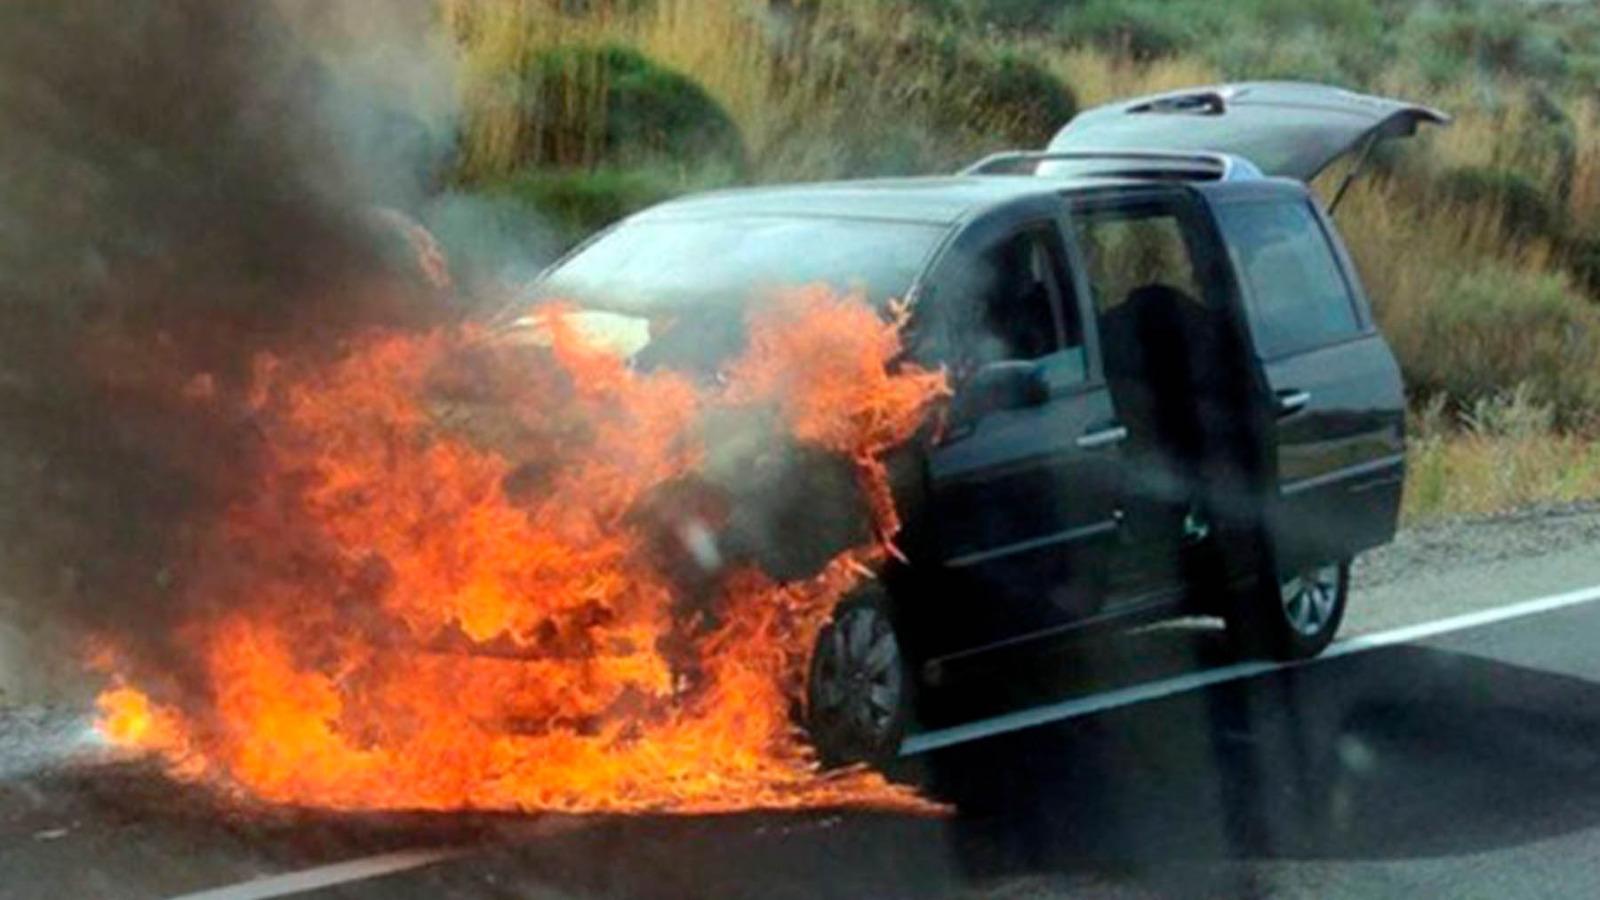 Vehículo ardiendo que originó el incendio de Ávila.